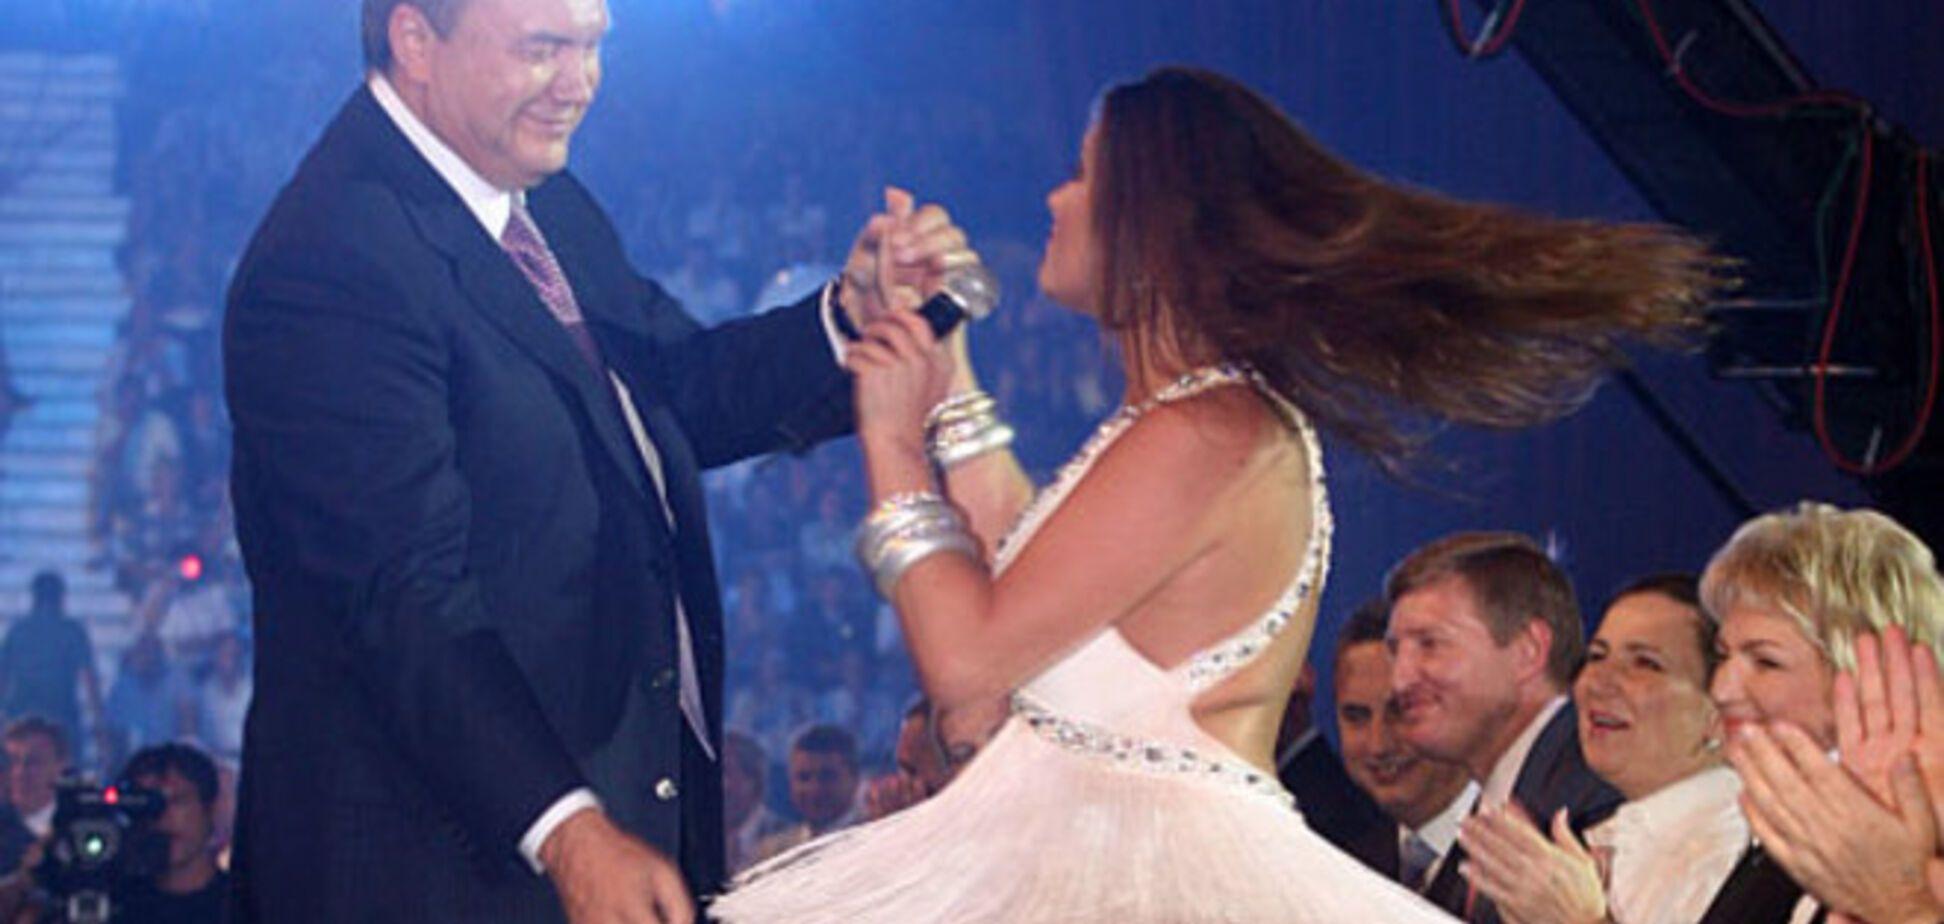 Янукович сегодня скромно отметит 64-й день рождения в Сочи